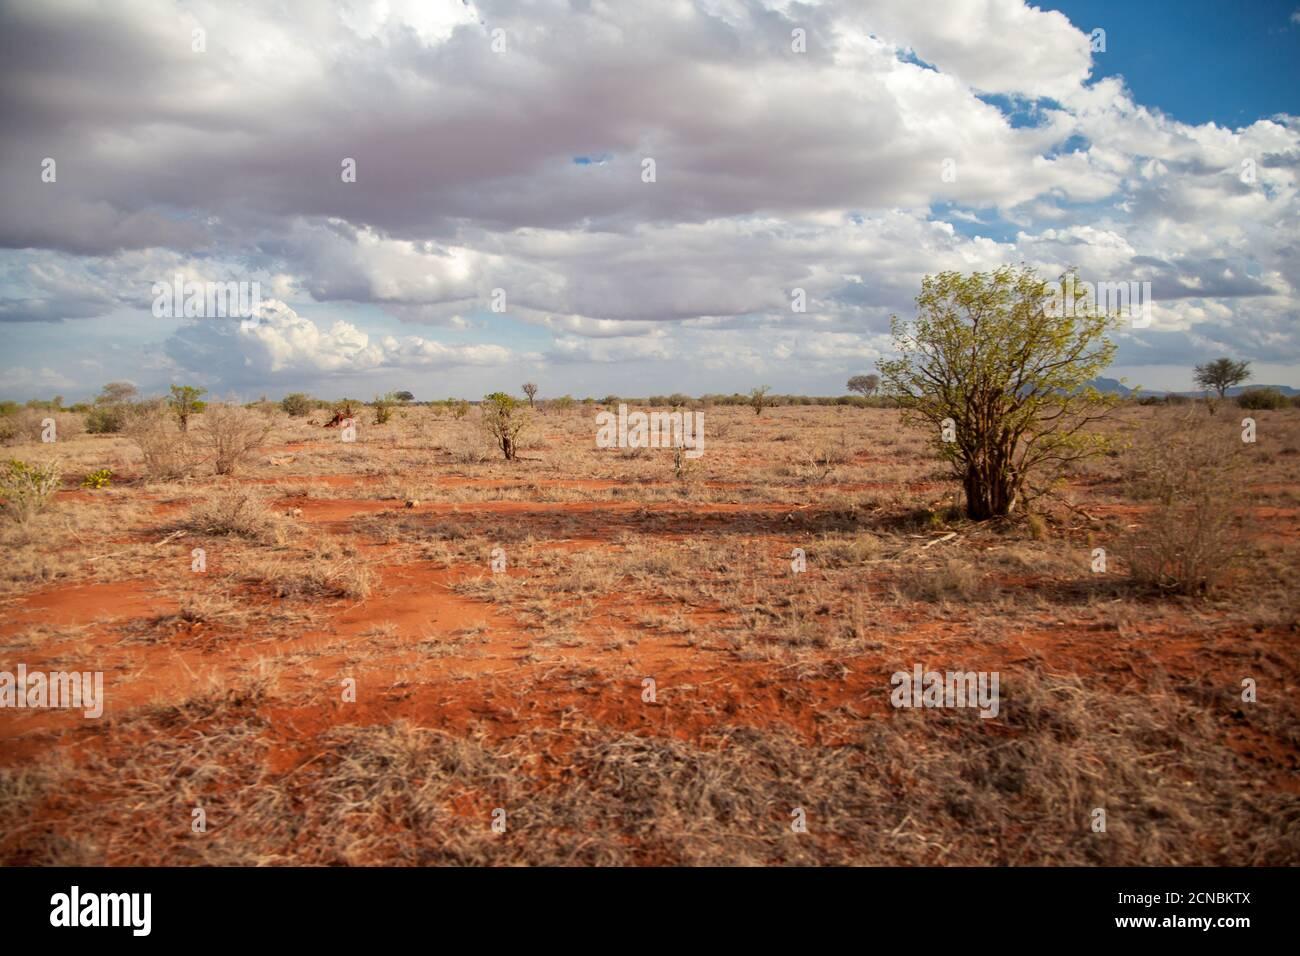 Paisaje con suelo rojo, árboles, cielo azul con nubes blancas, Kenya Foto de stock